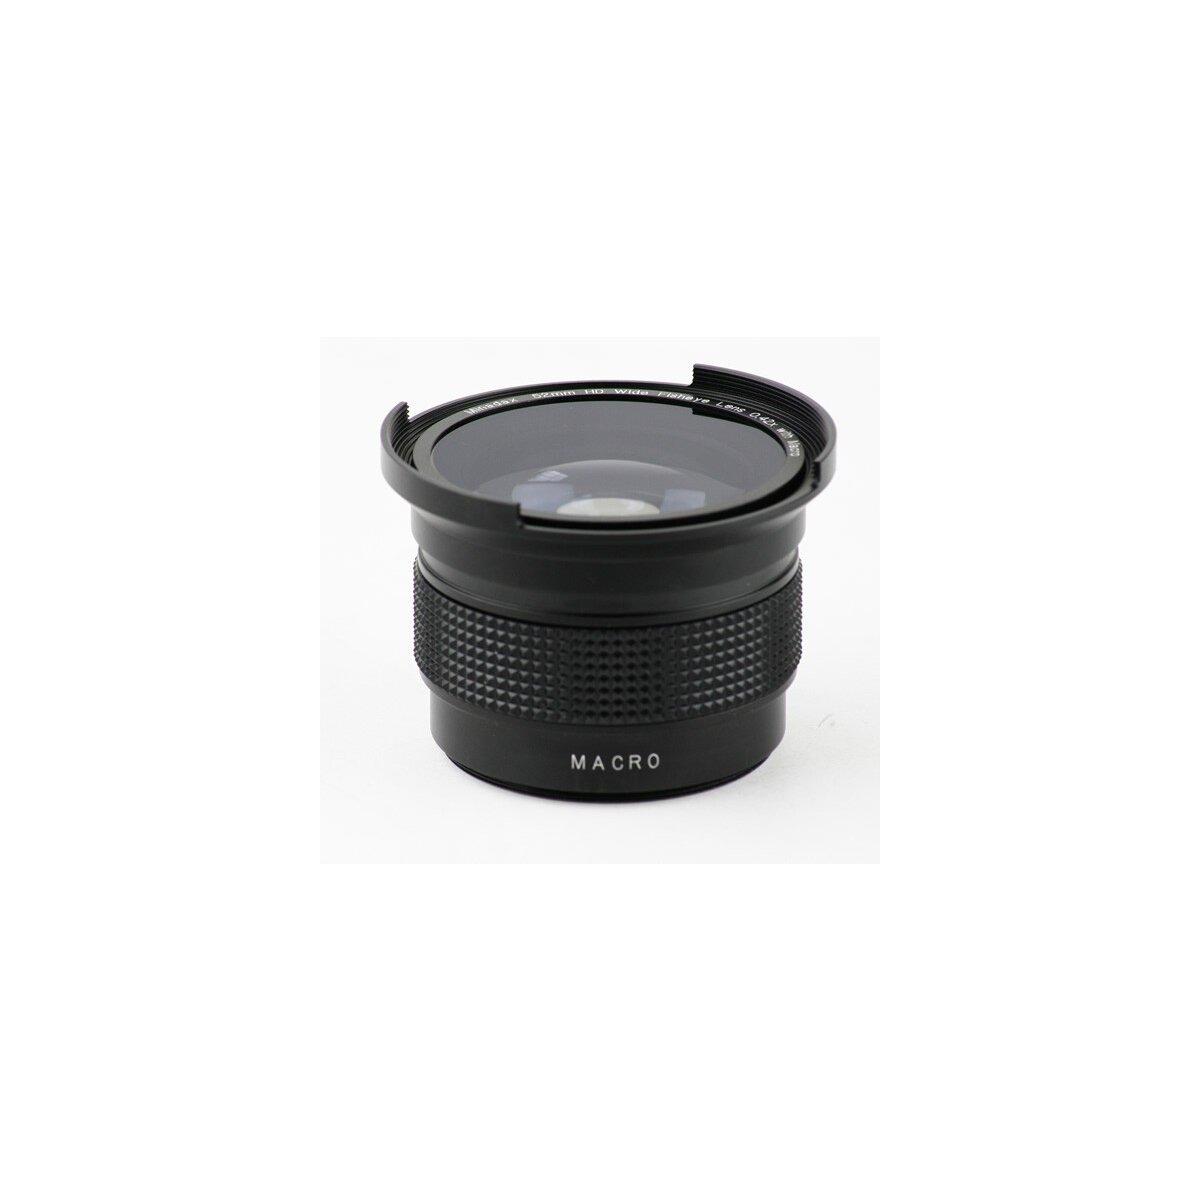 0.42x Minadax Fisheye Vorsatz kompatibel für Fujifilm FinePix E550, E900